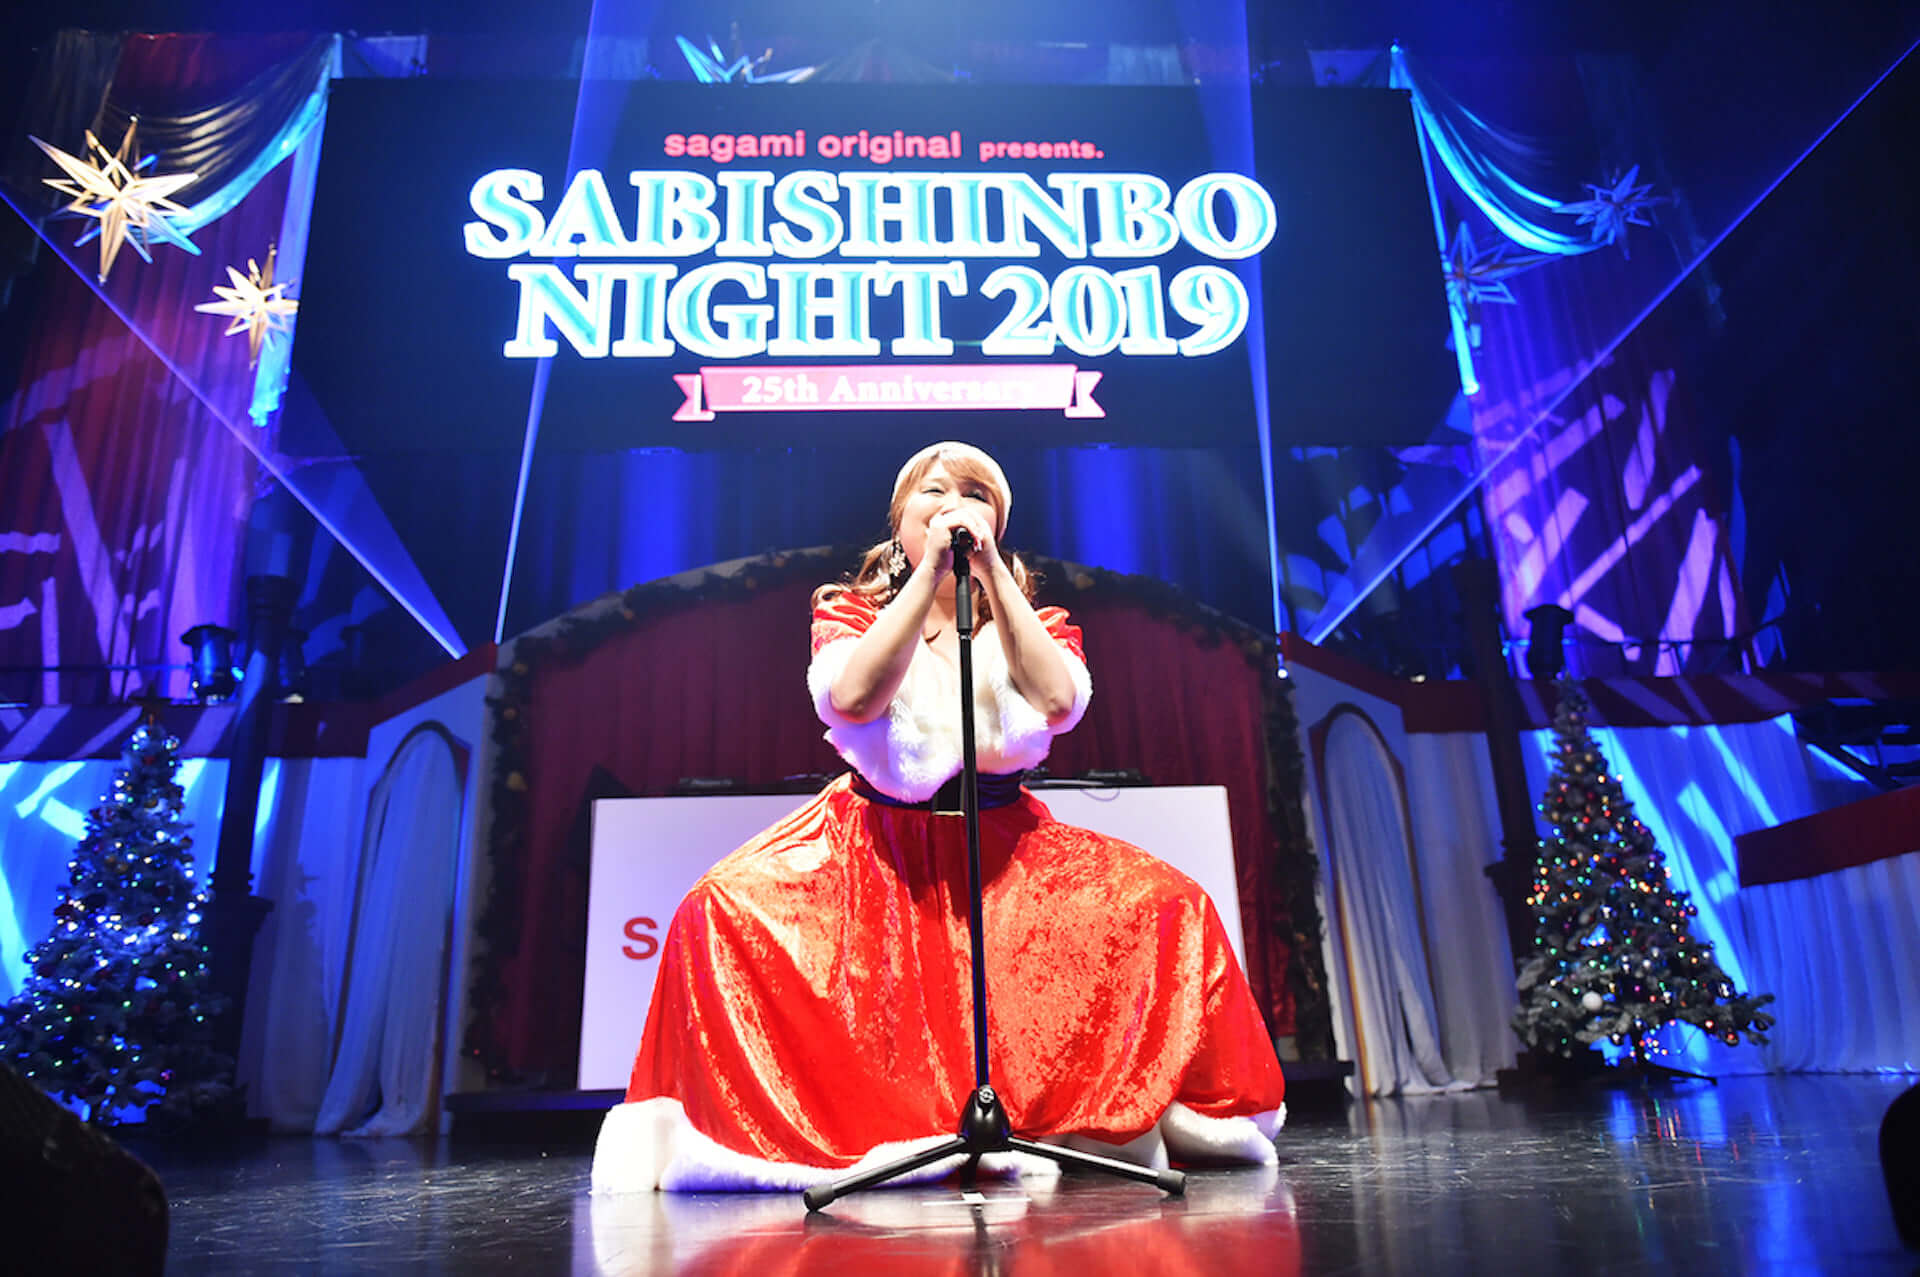 3,000人が出会う一夜!りんごちゃん、t-Ace等々出演のsagami original presents<SABISHINBO NIGHT 2019>25周年目のイベントレポート music191224_sabishinbo2019after_17-1920x1277